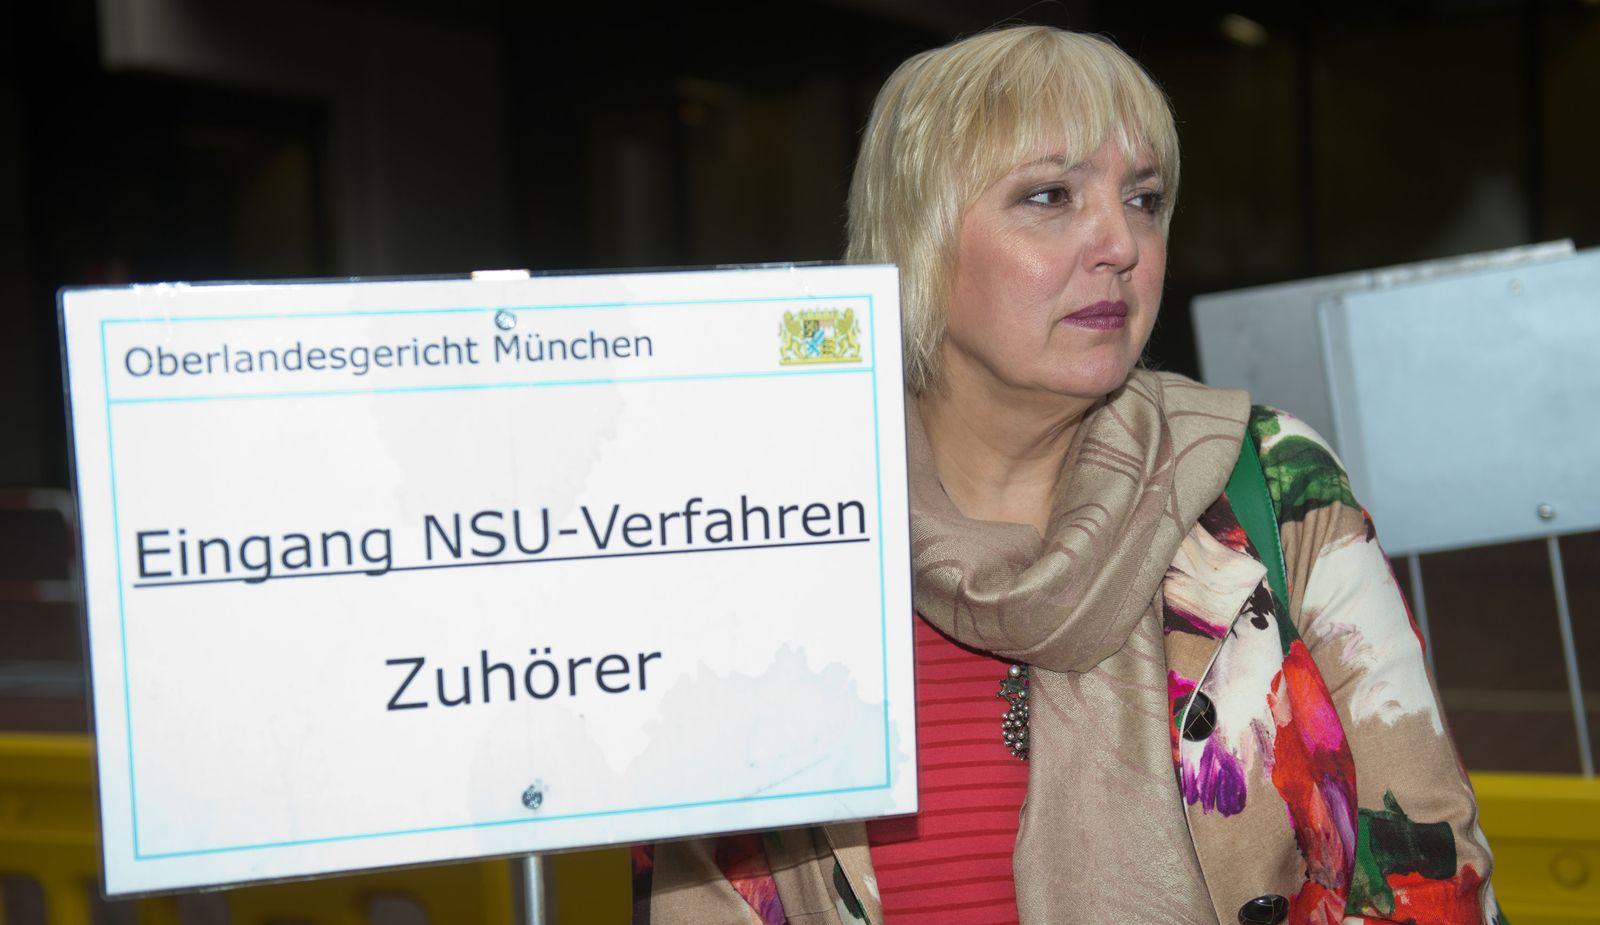 NSU Prozess / Claudia Roth